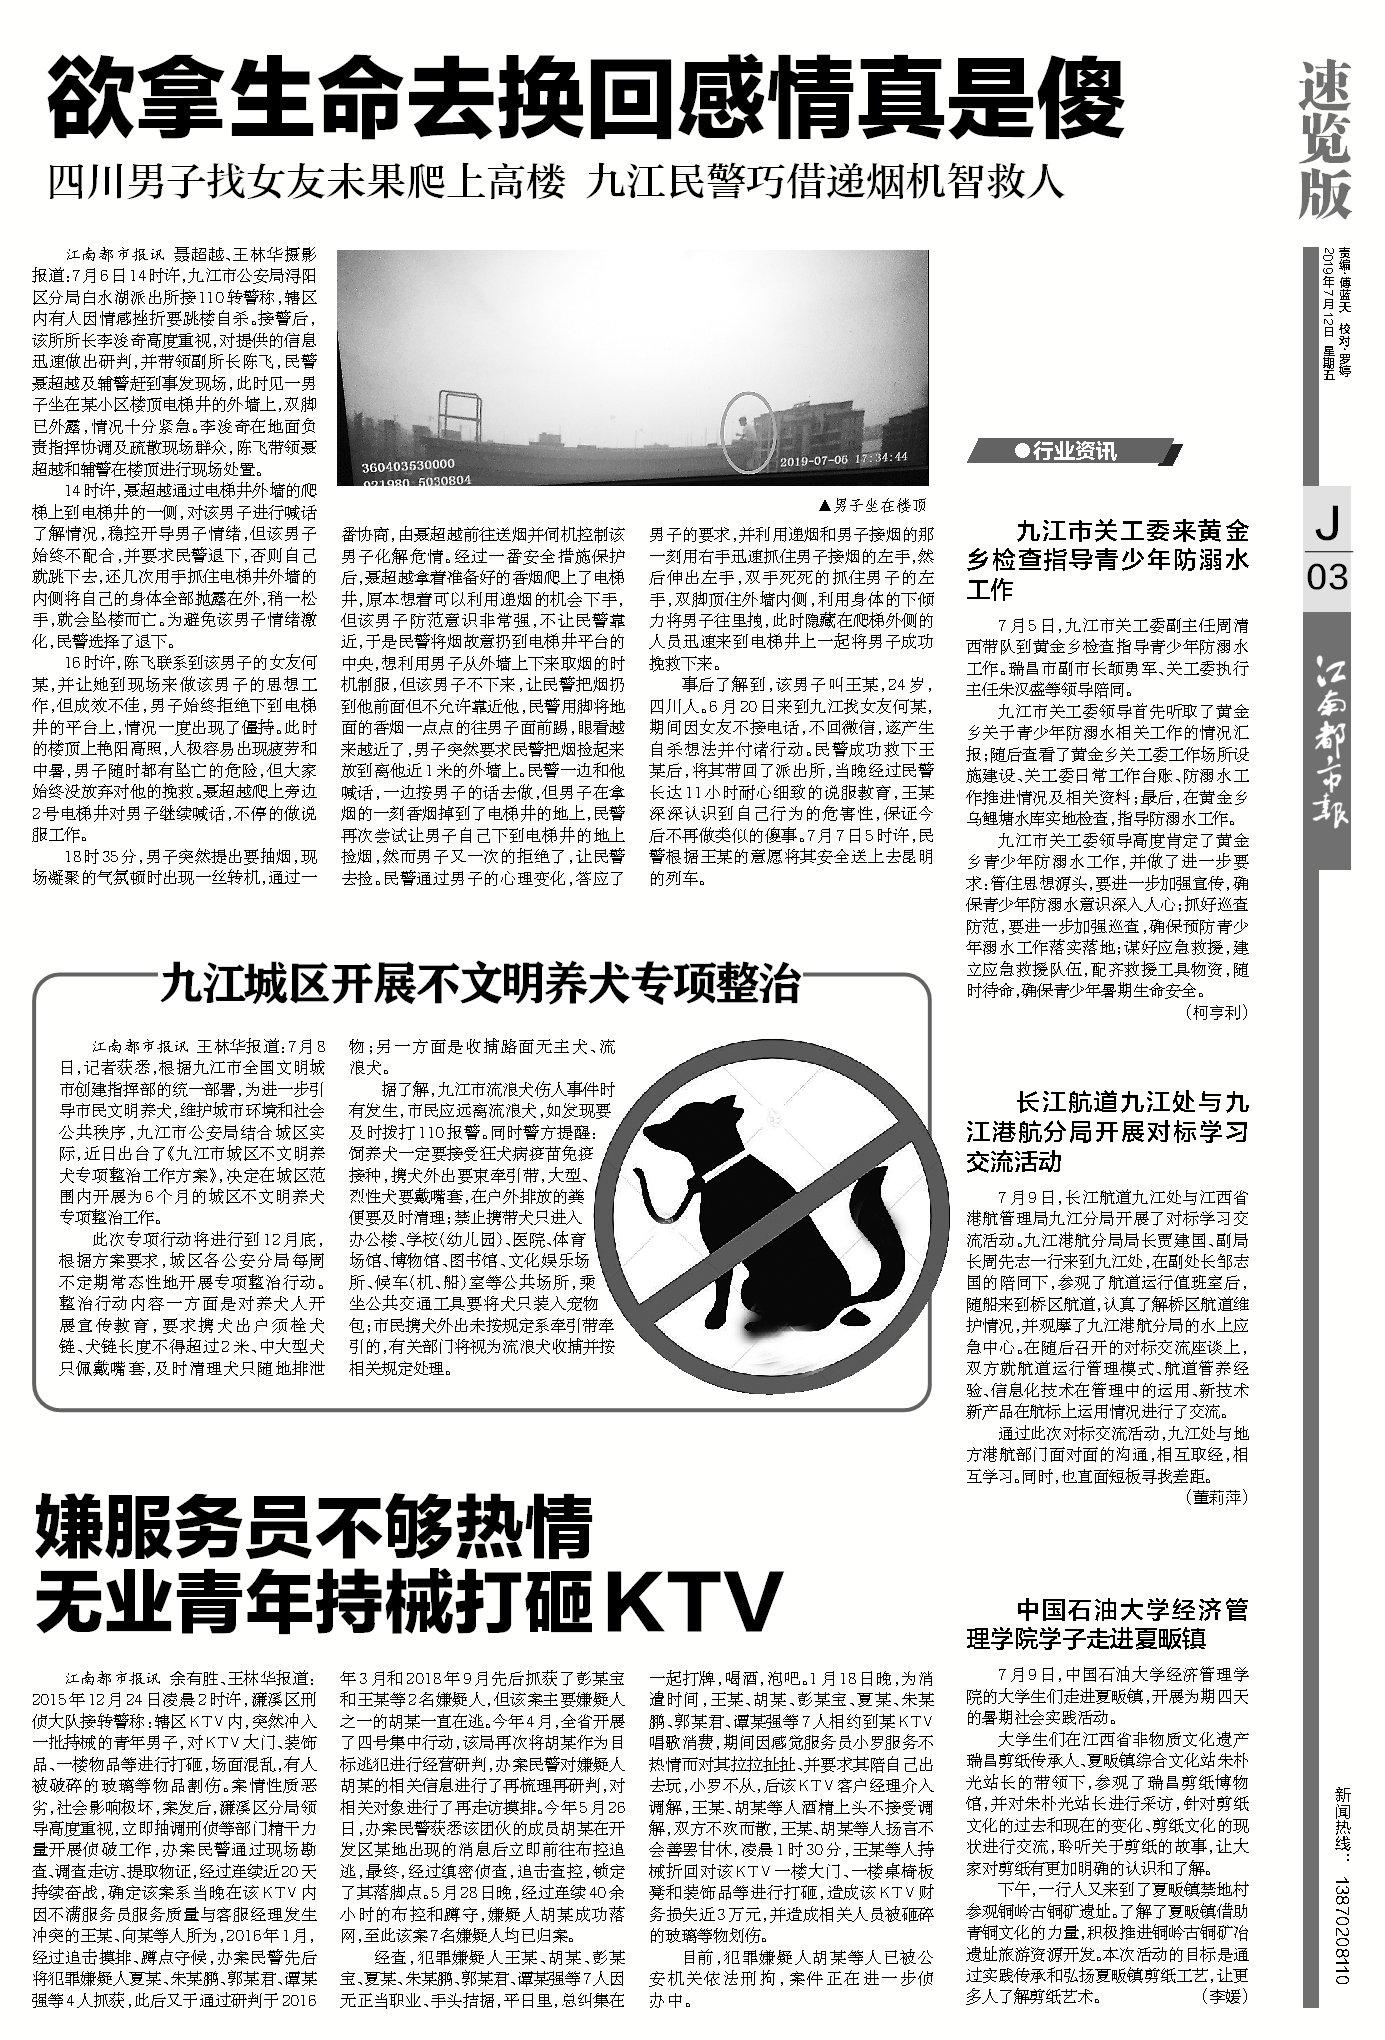 2019年7月12日江南都市报《亚博体育app苹果新闻》速览版